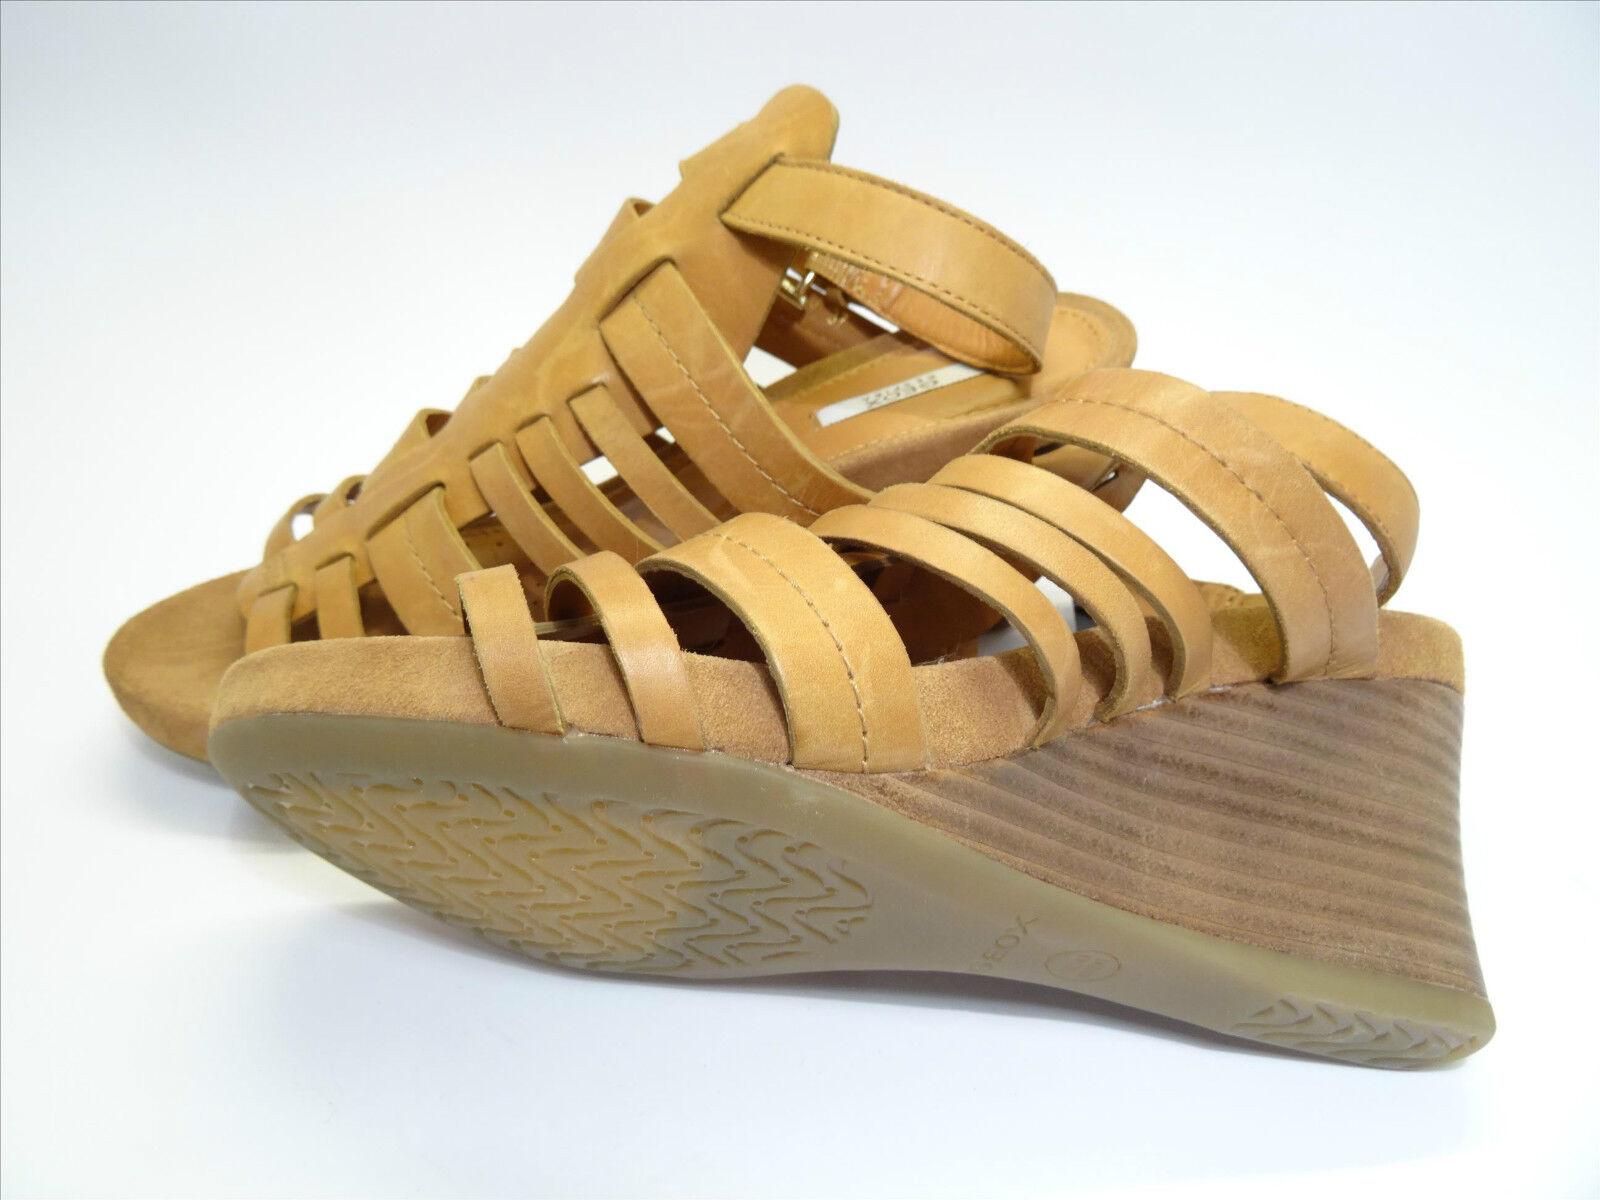 GEOX RESPIRA RESPIRA RESPIRA Chaussures Femme d.iride camel